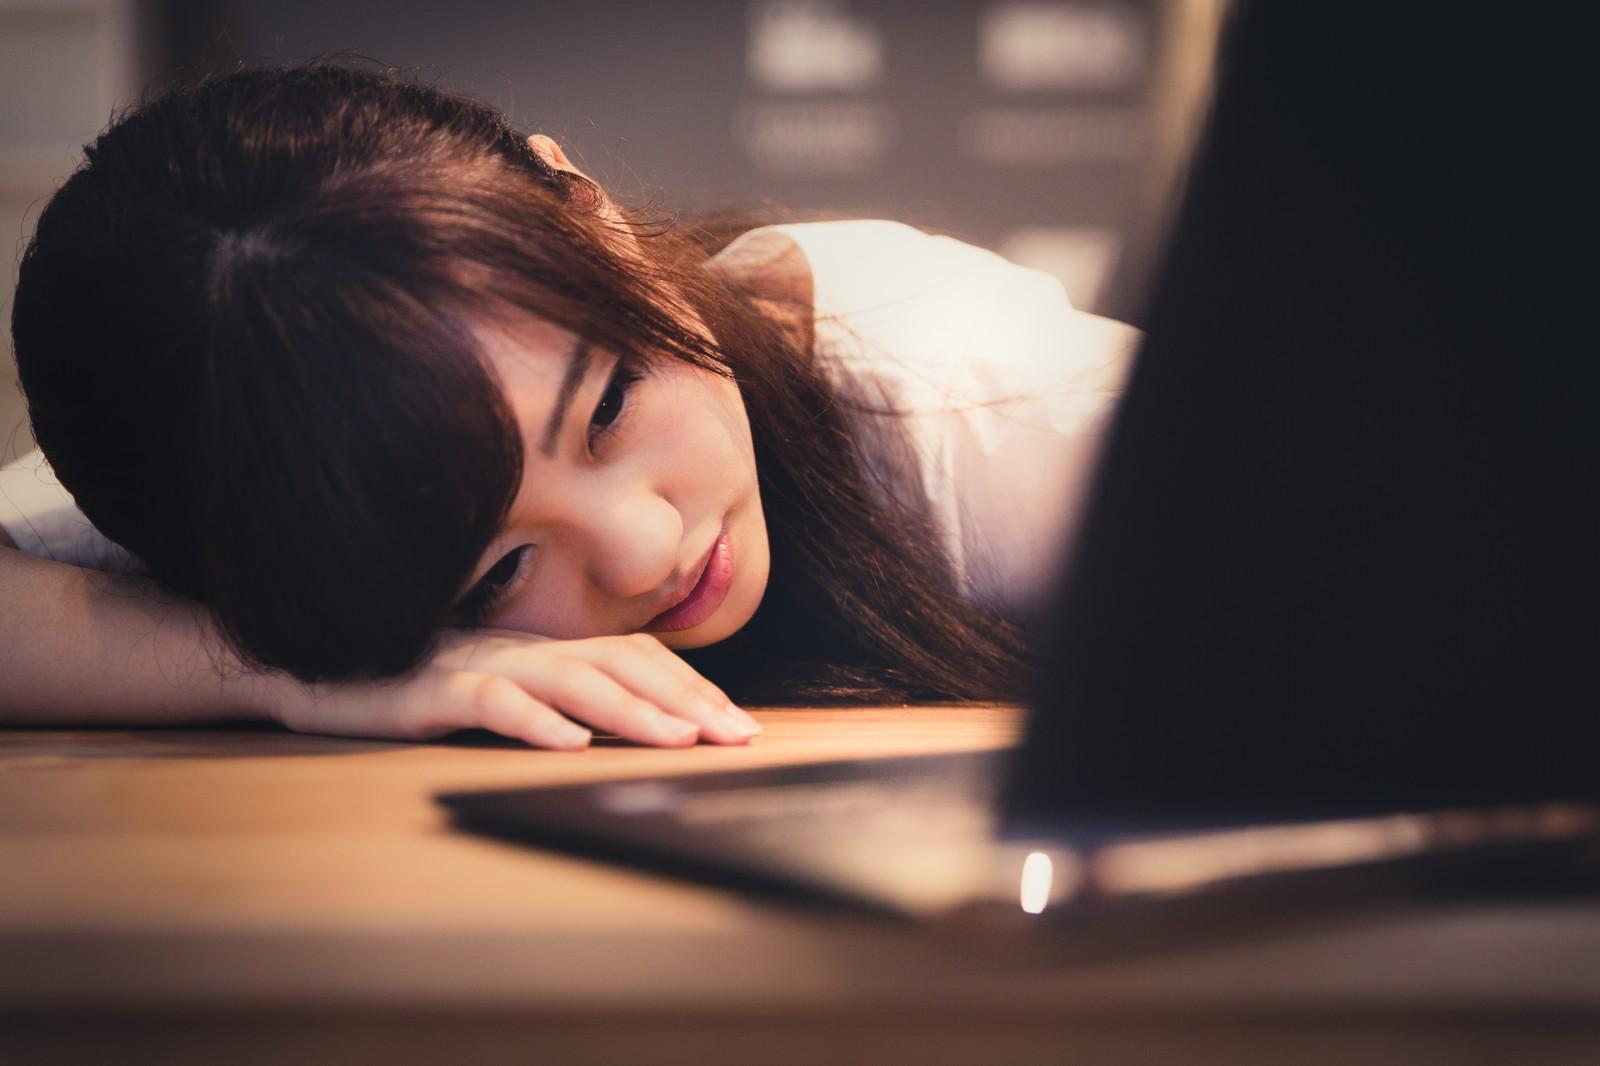 うつ病の治療の経過と日常の過ごし方のポイント